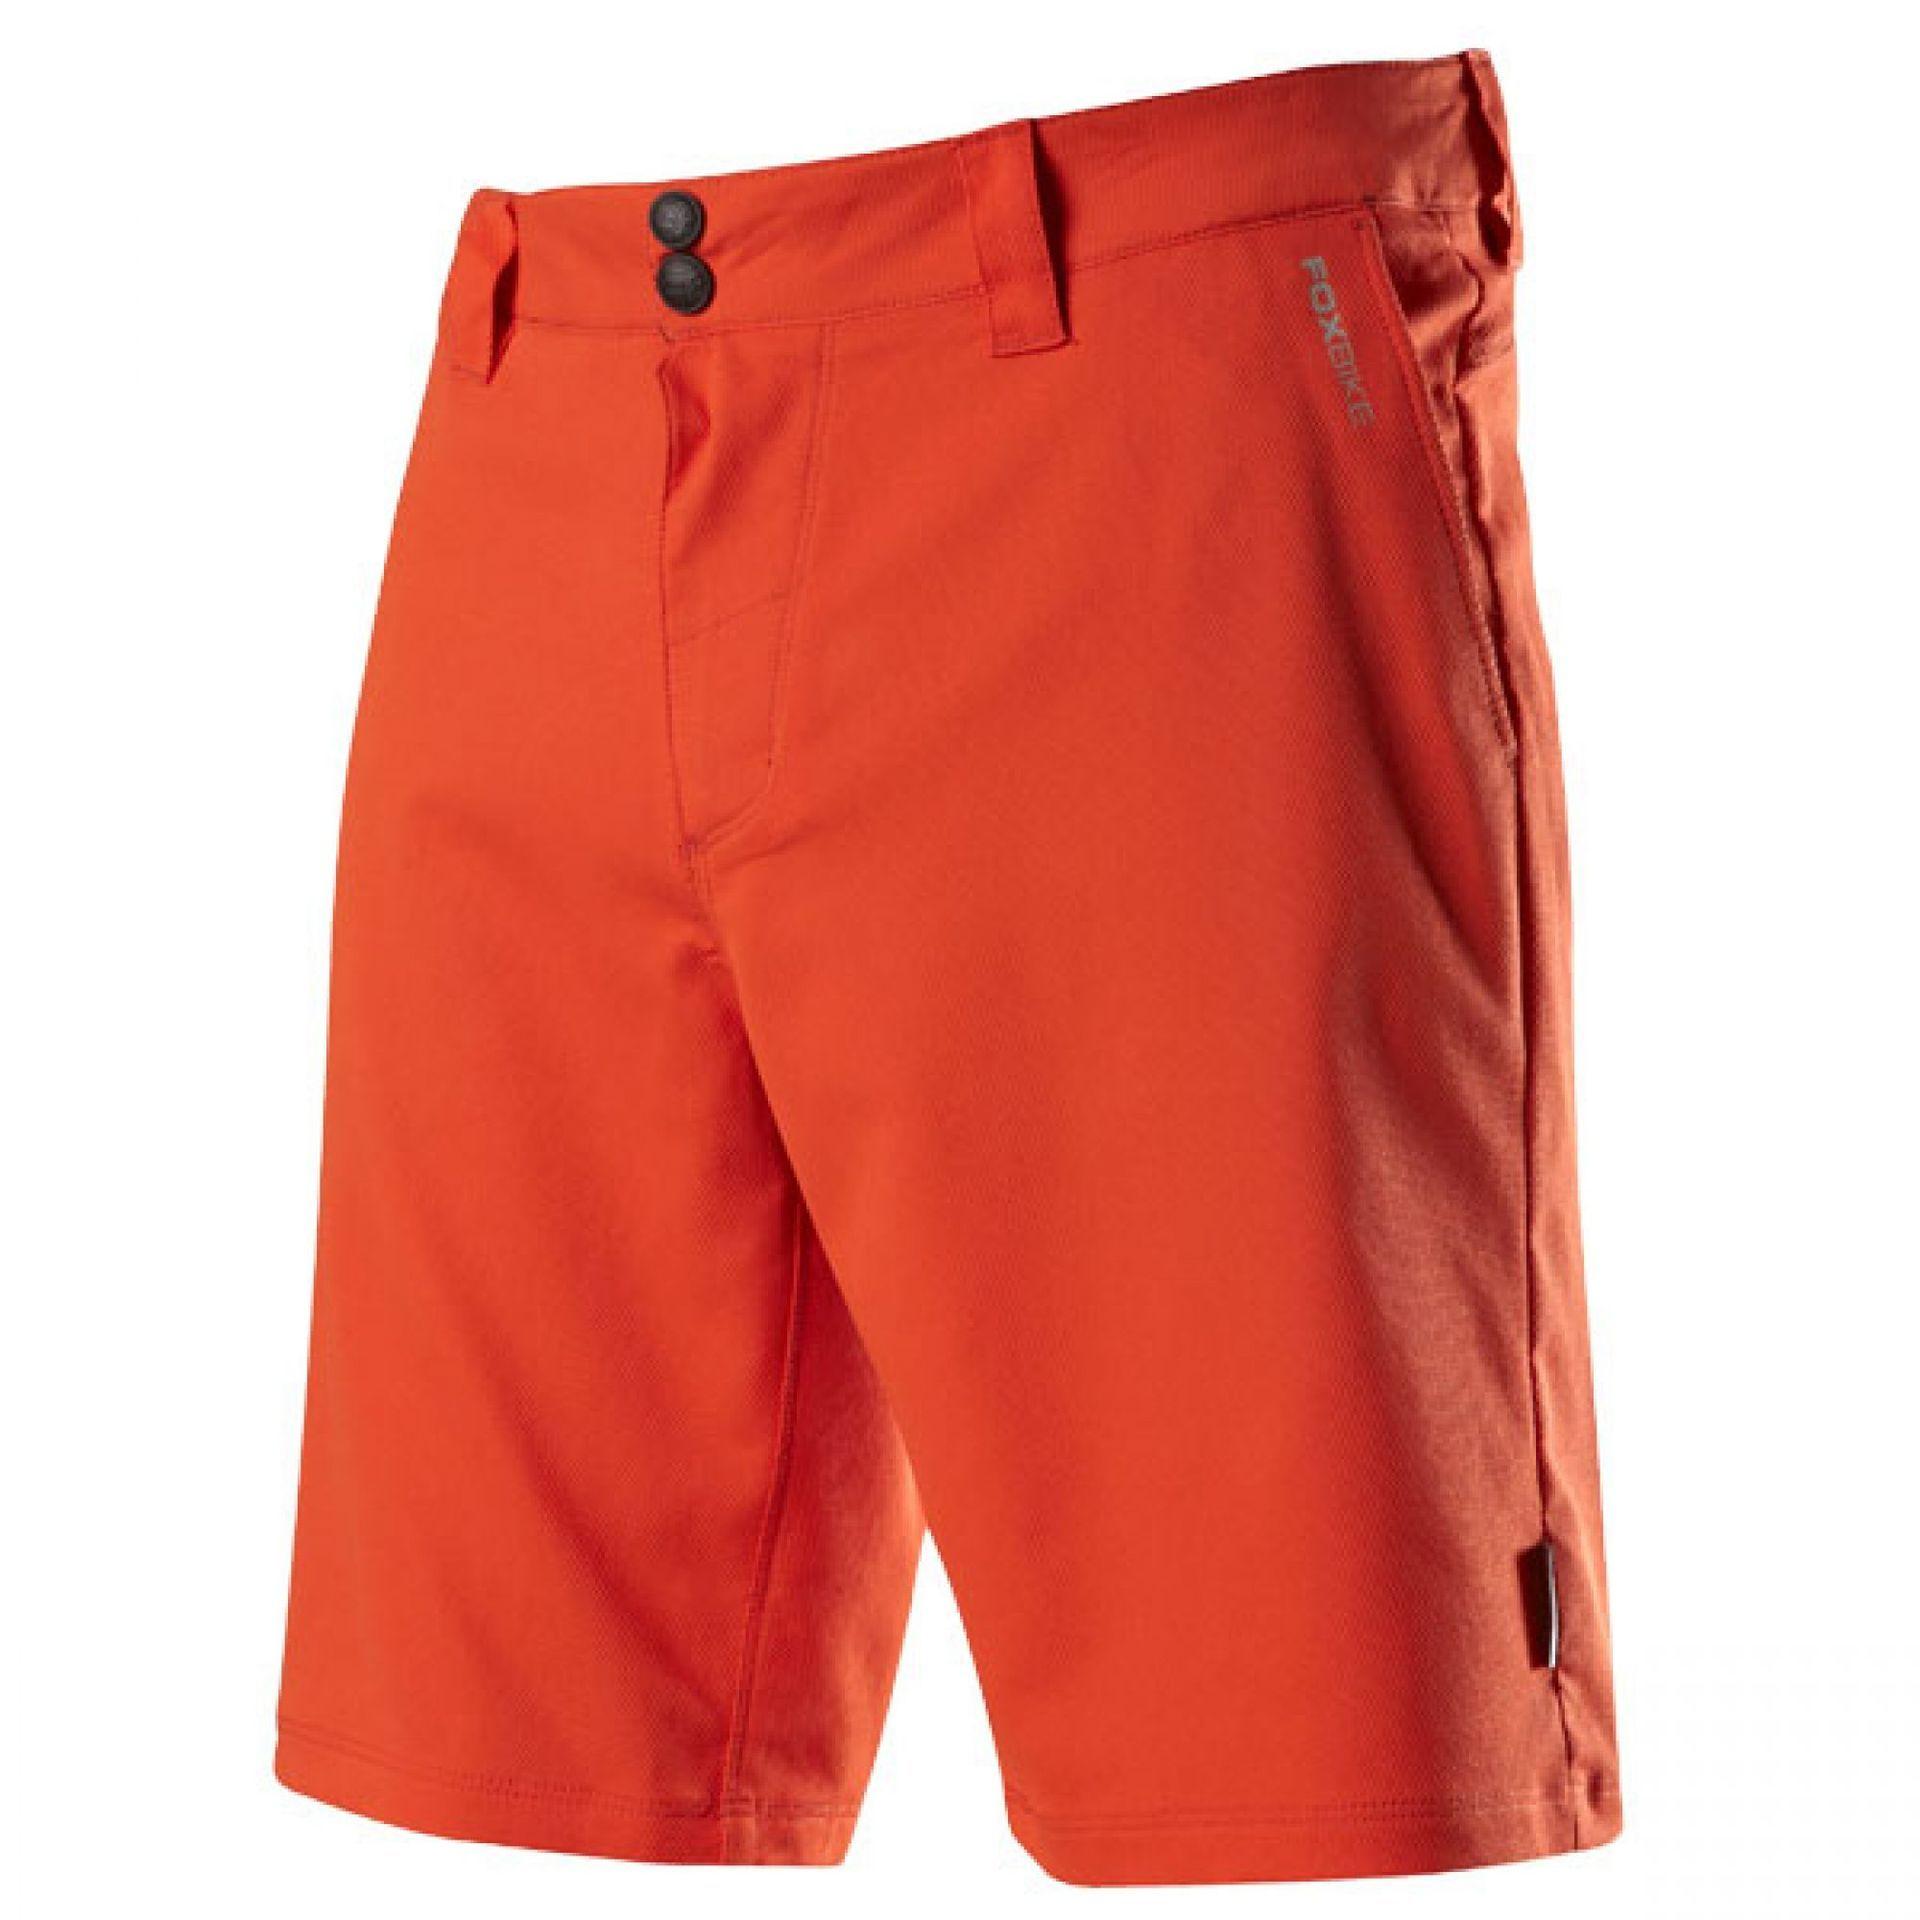 Spodenki Foxhead Ranger Short pomarańczowe